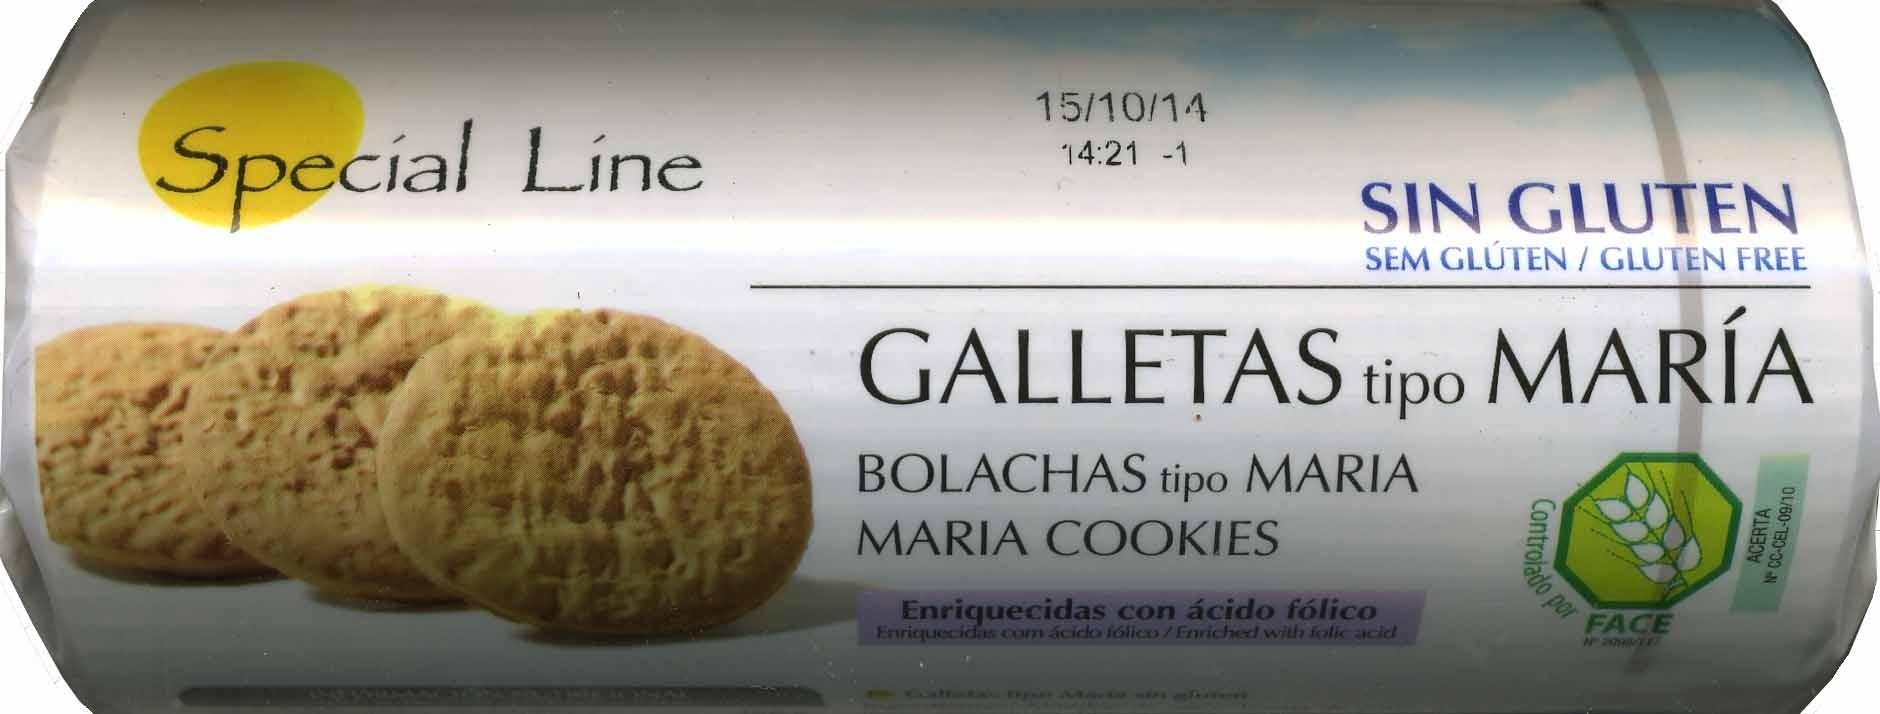 Galletas María sin gluten - Producto